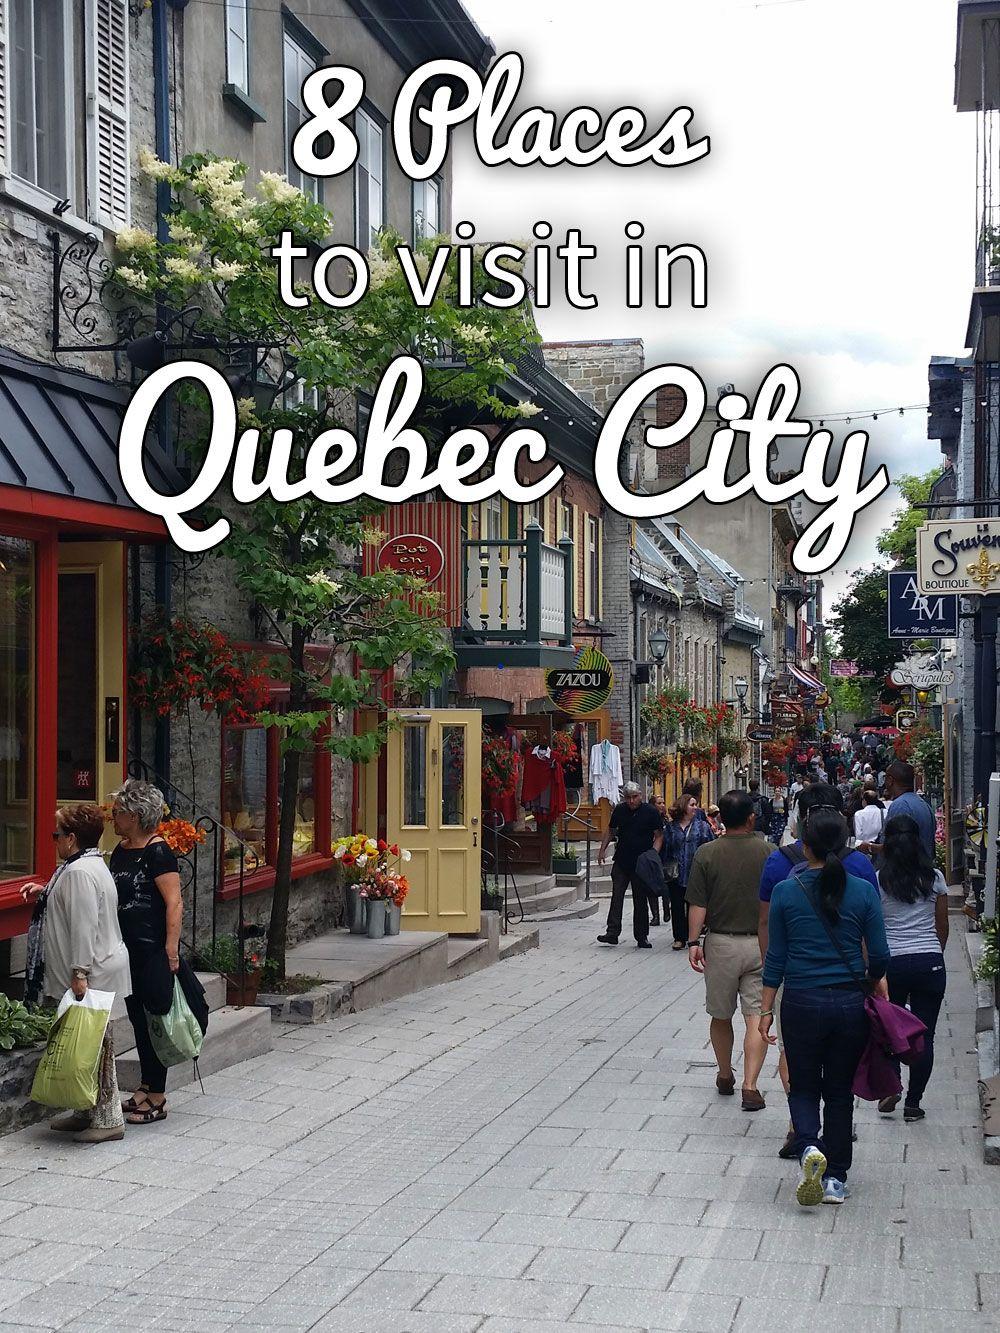 8 Places To Visit In Quebec City Kenton De Jong Travel Quebec City Canada Quebec City Winter Quebec City